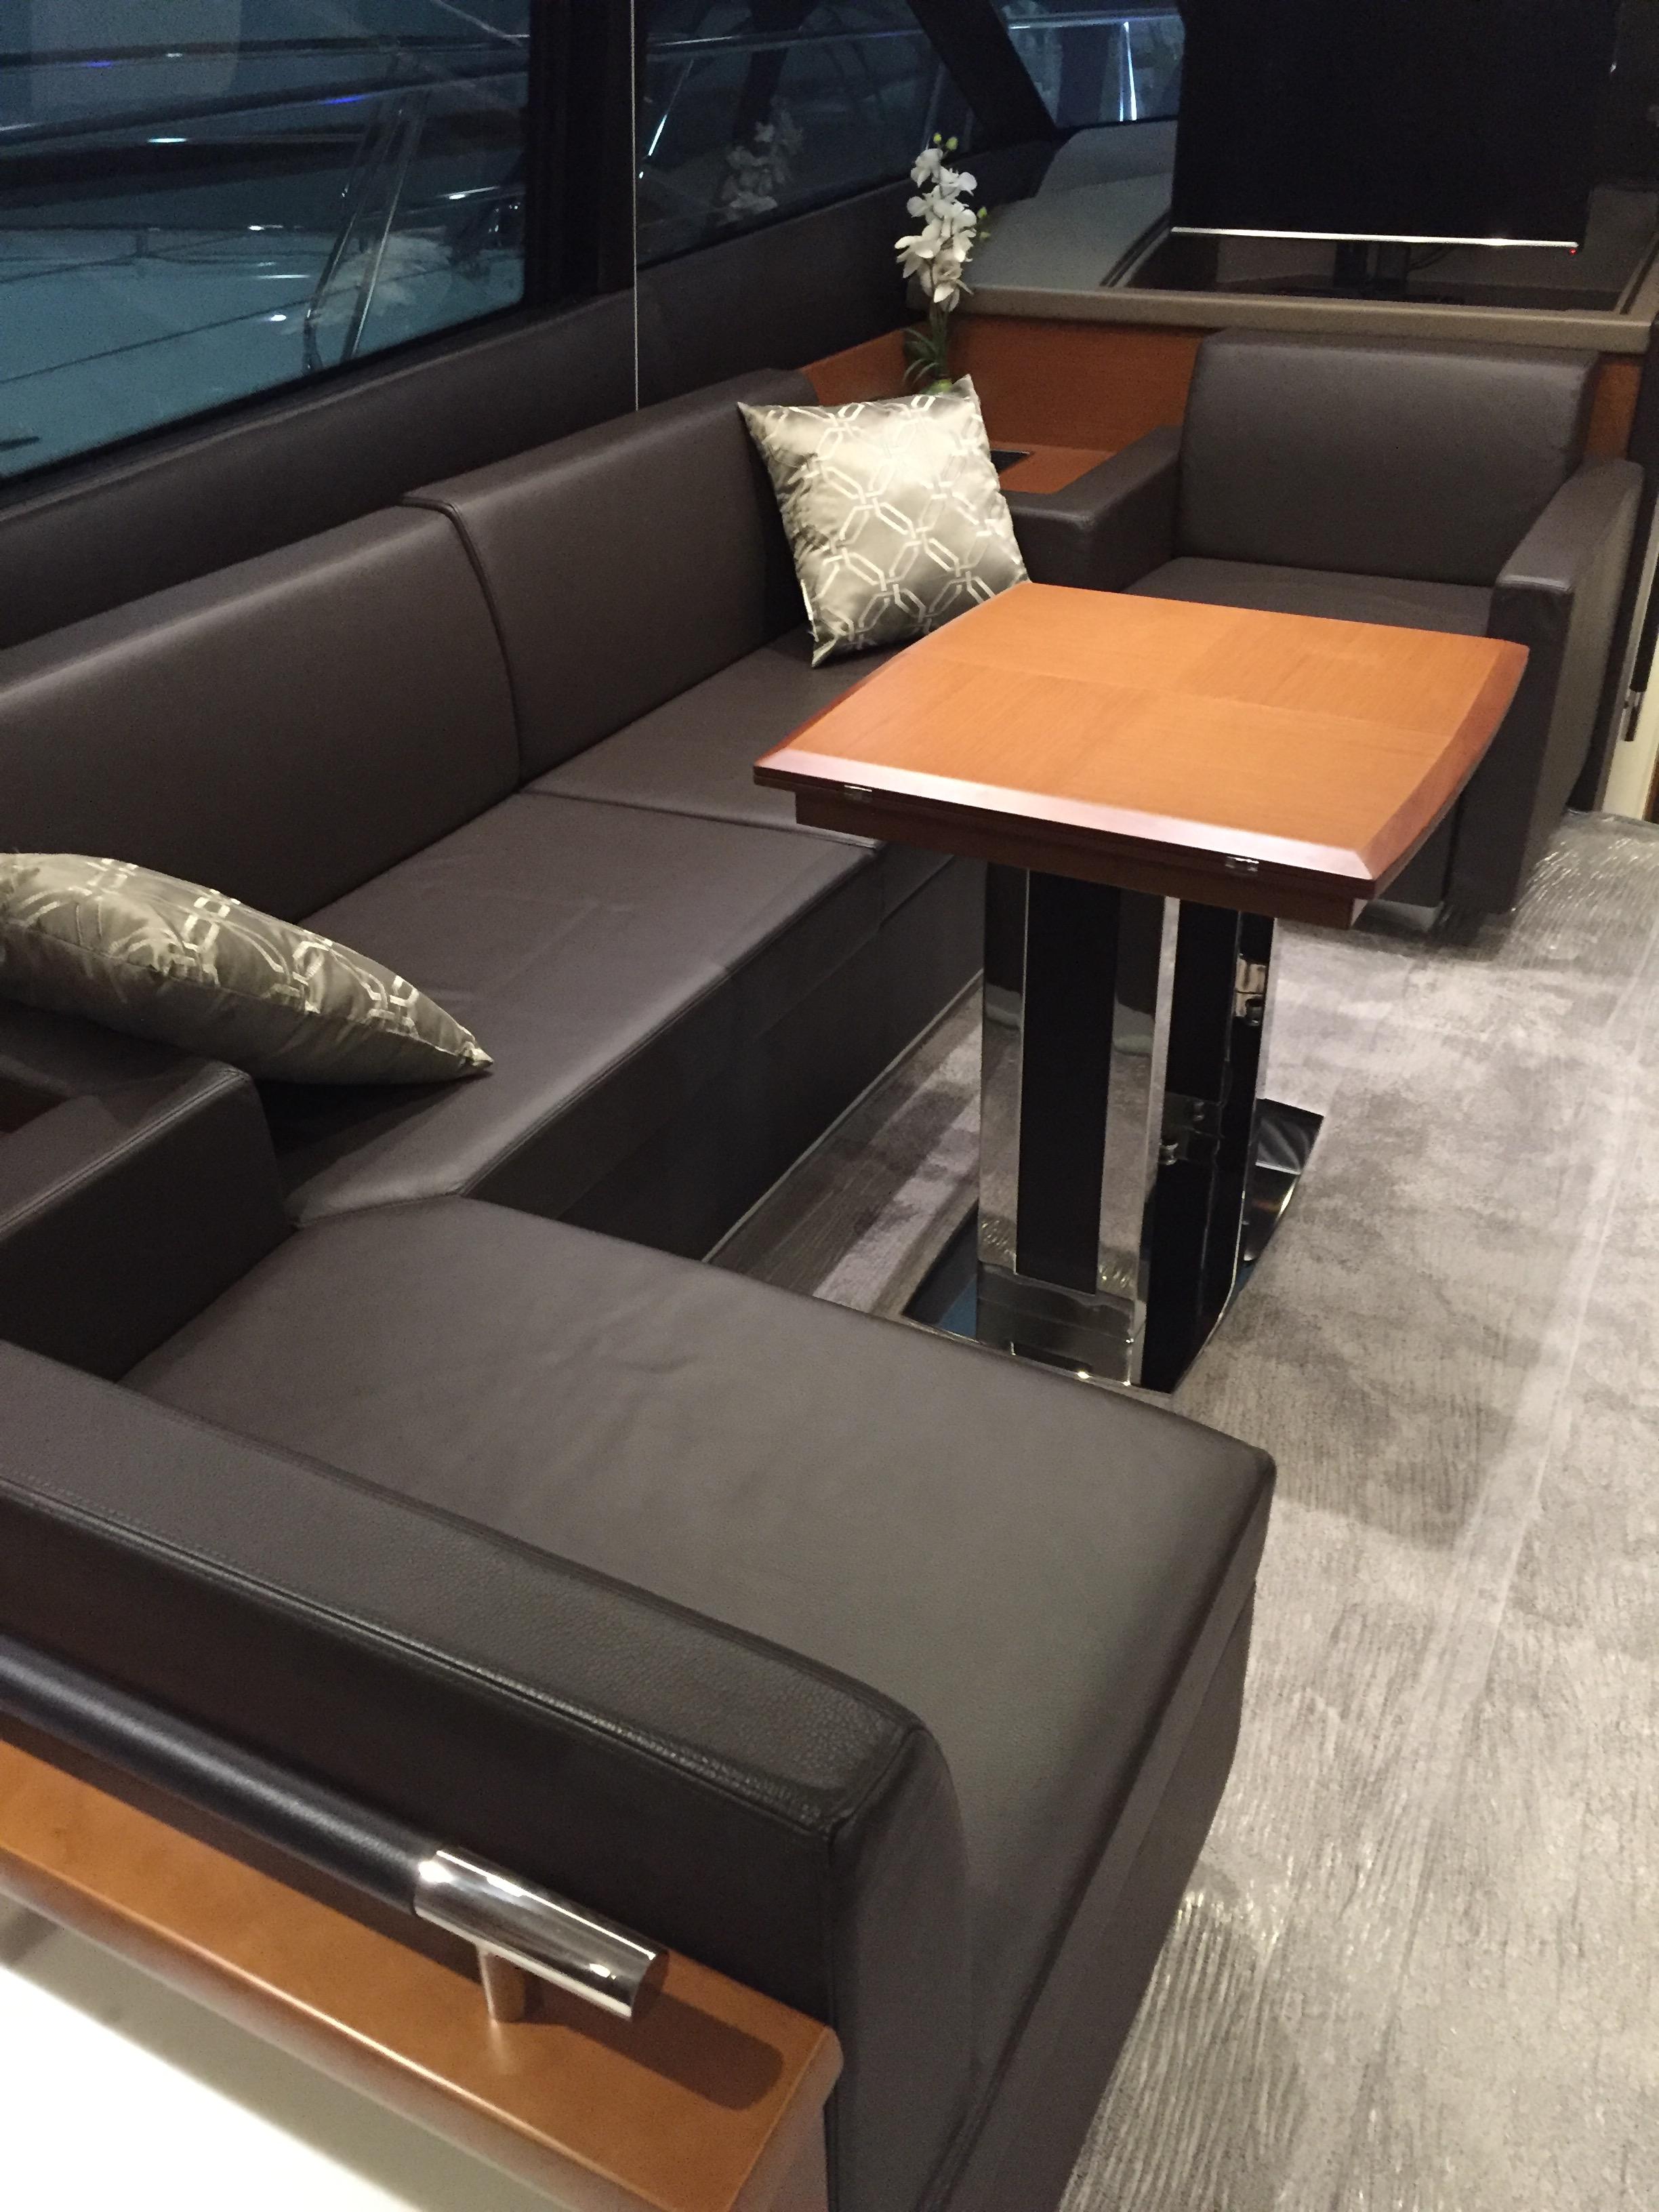 Salon Sofa With Table